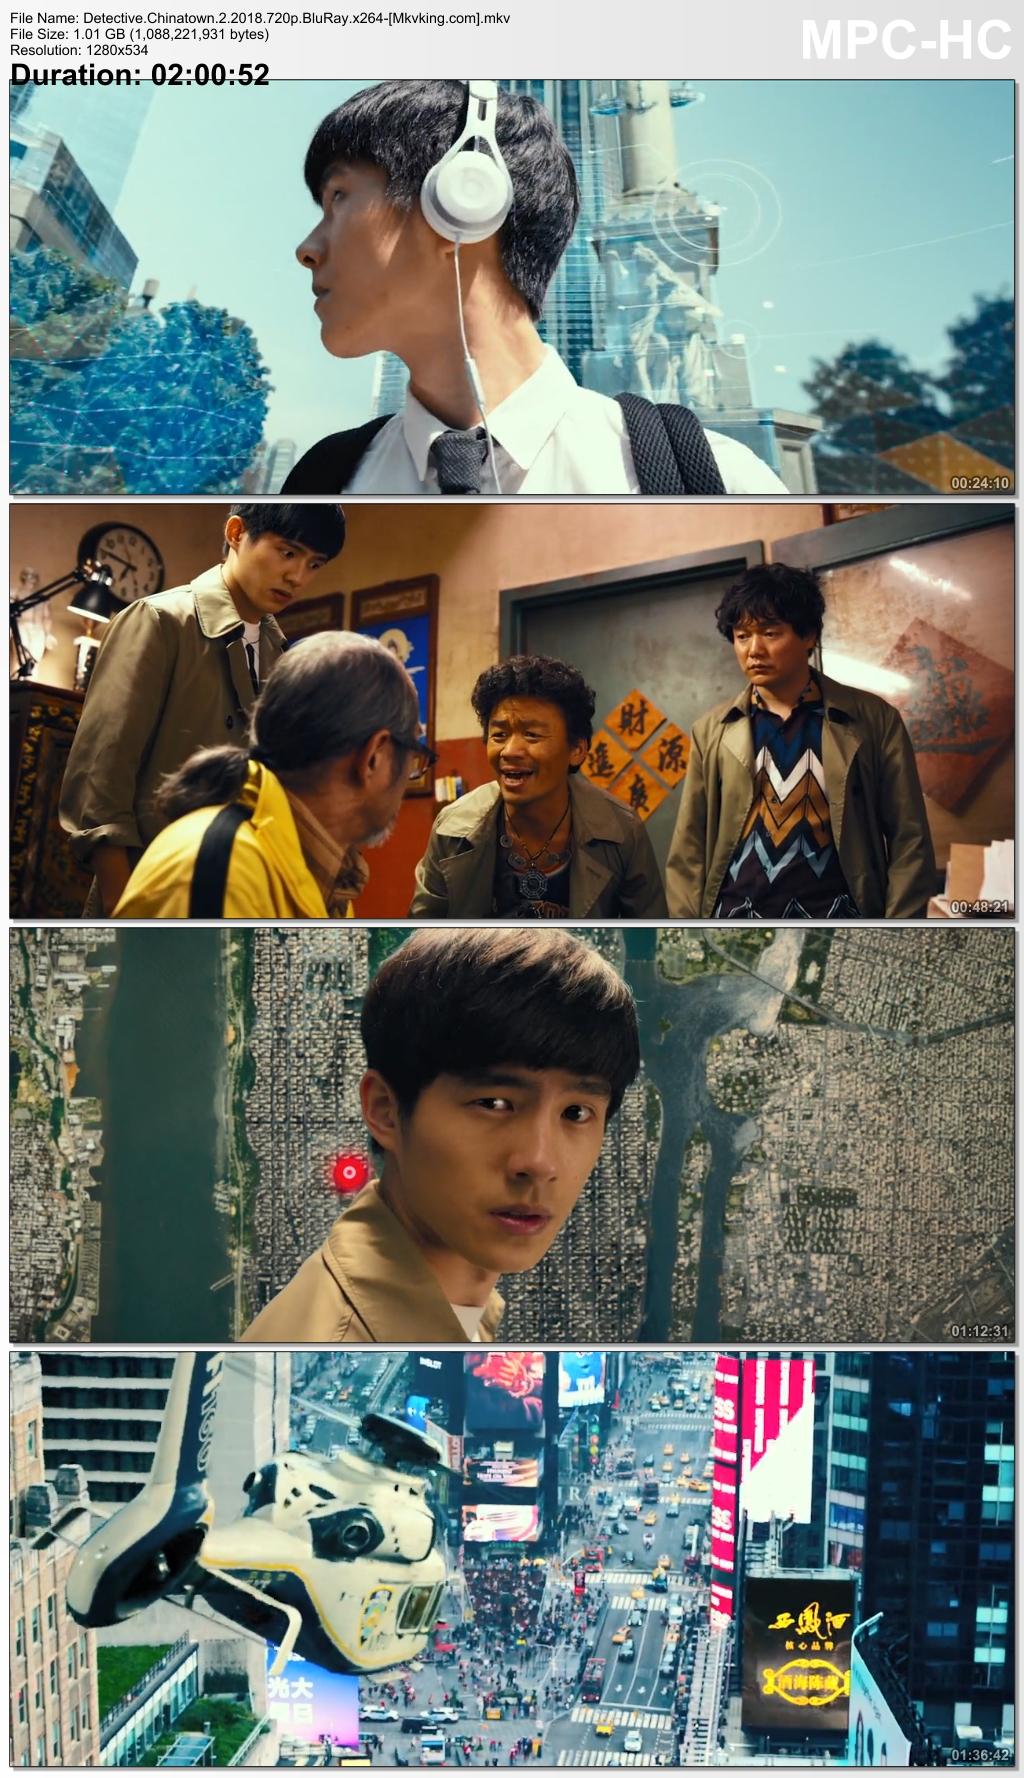 Detective Chinatown 2 2018 720p Blu Ray X264 Mkvking Com Mkv Thumbs 2019 10 16 19 54 16 Imgbb